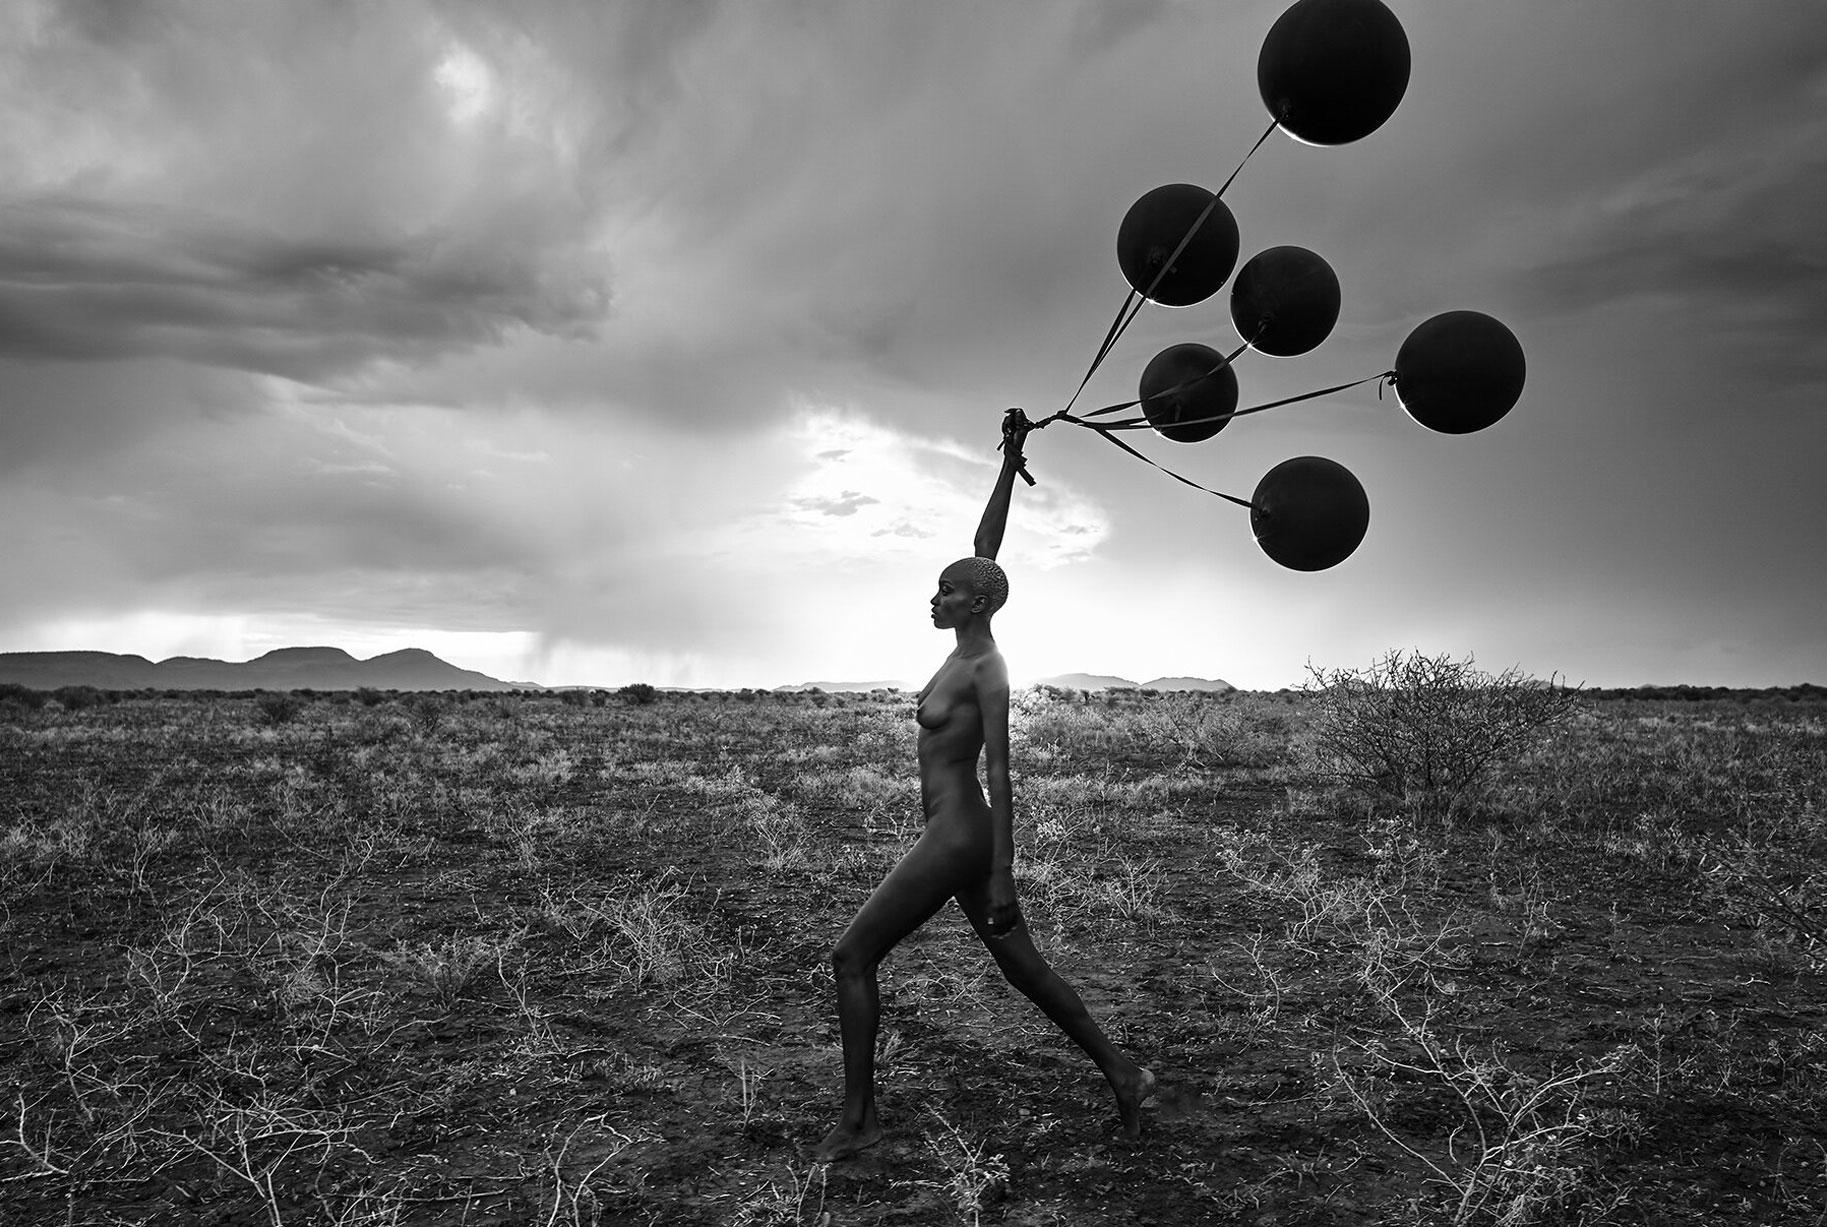 эротический календарь 12 чудес природы / Африка 2019 / фото 14